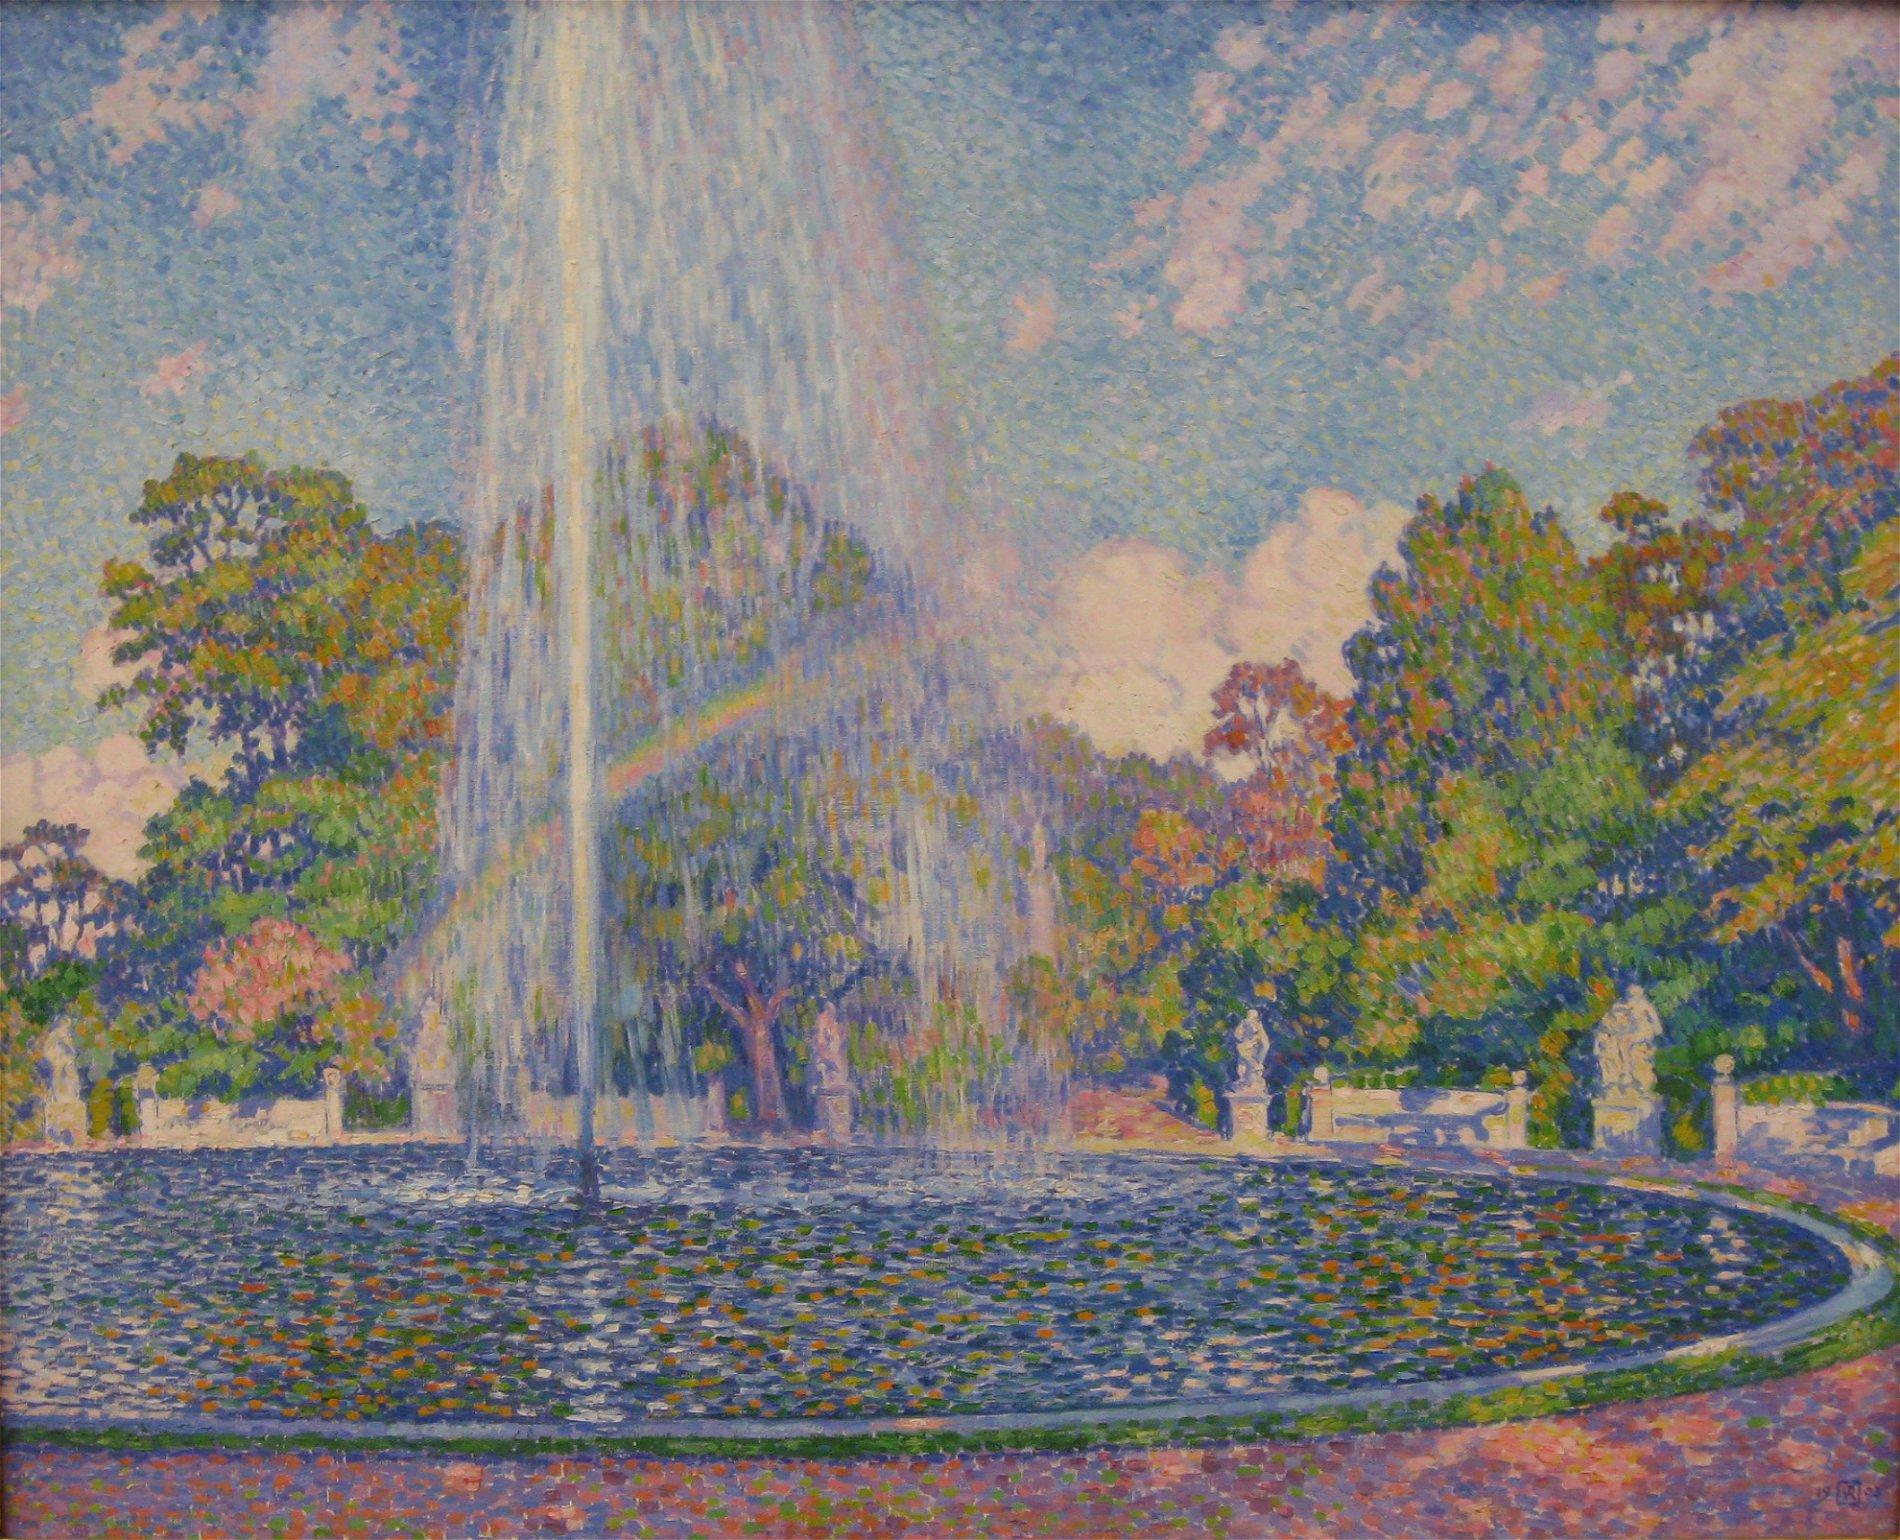 Theo Van Rysselberghe Springbrunnen Im Park Sanssouci In Potsdam Neue Pinakothek Muenchen